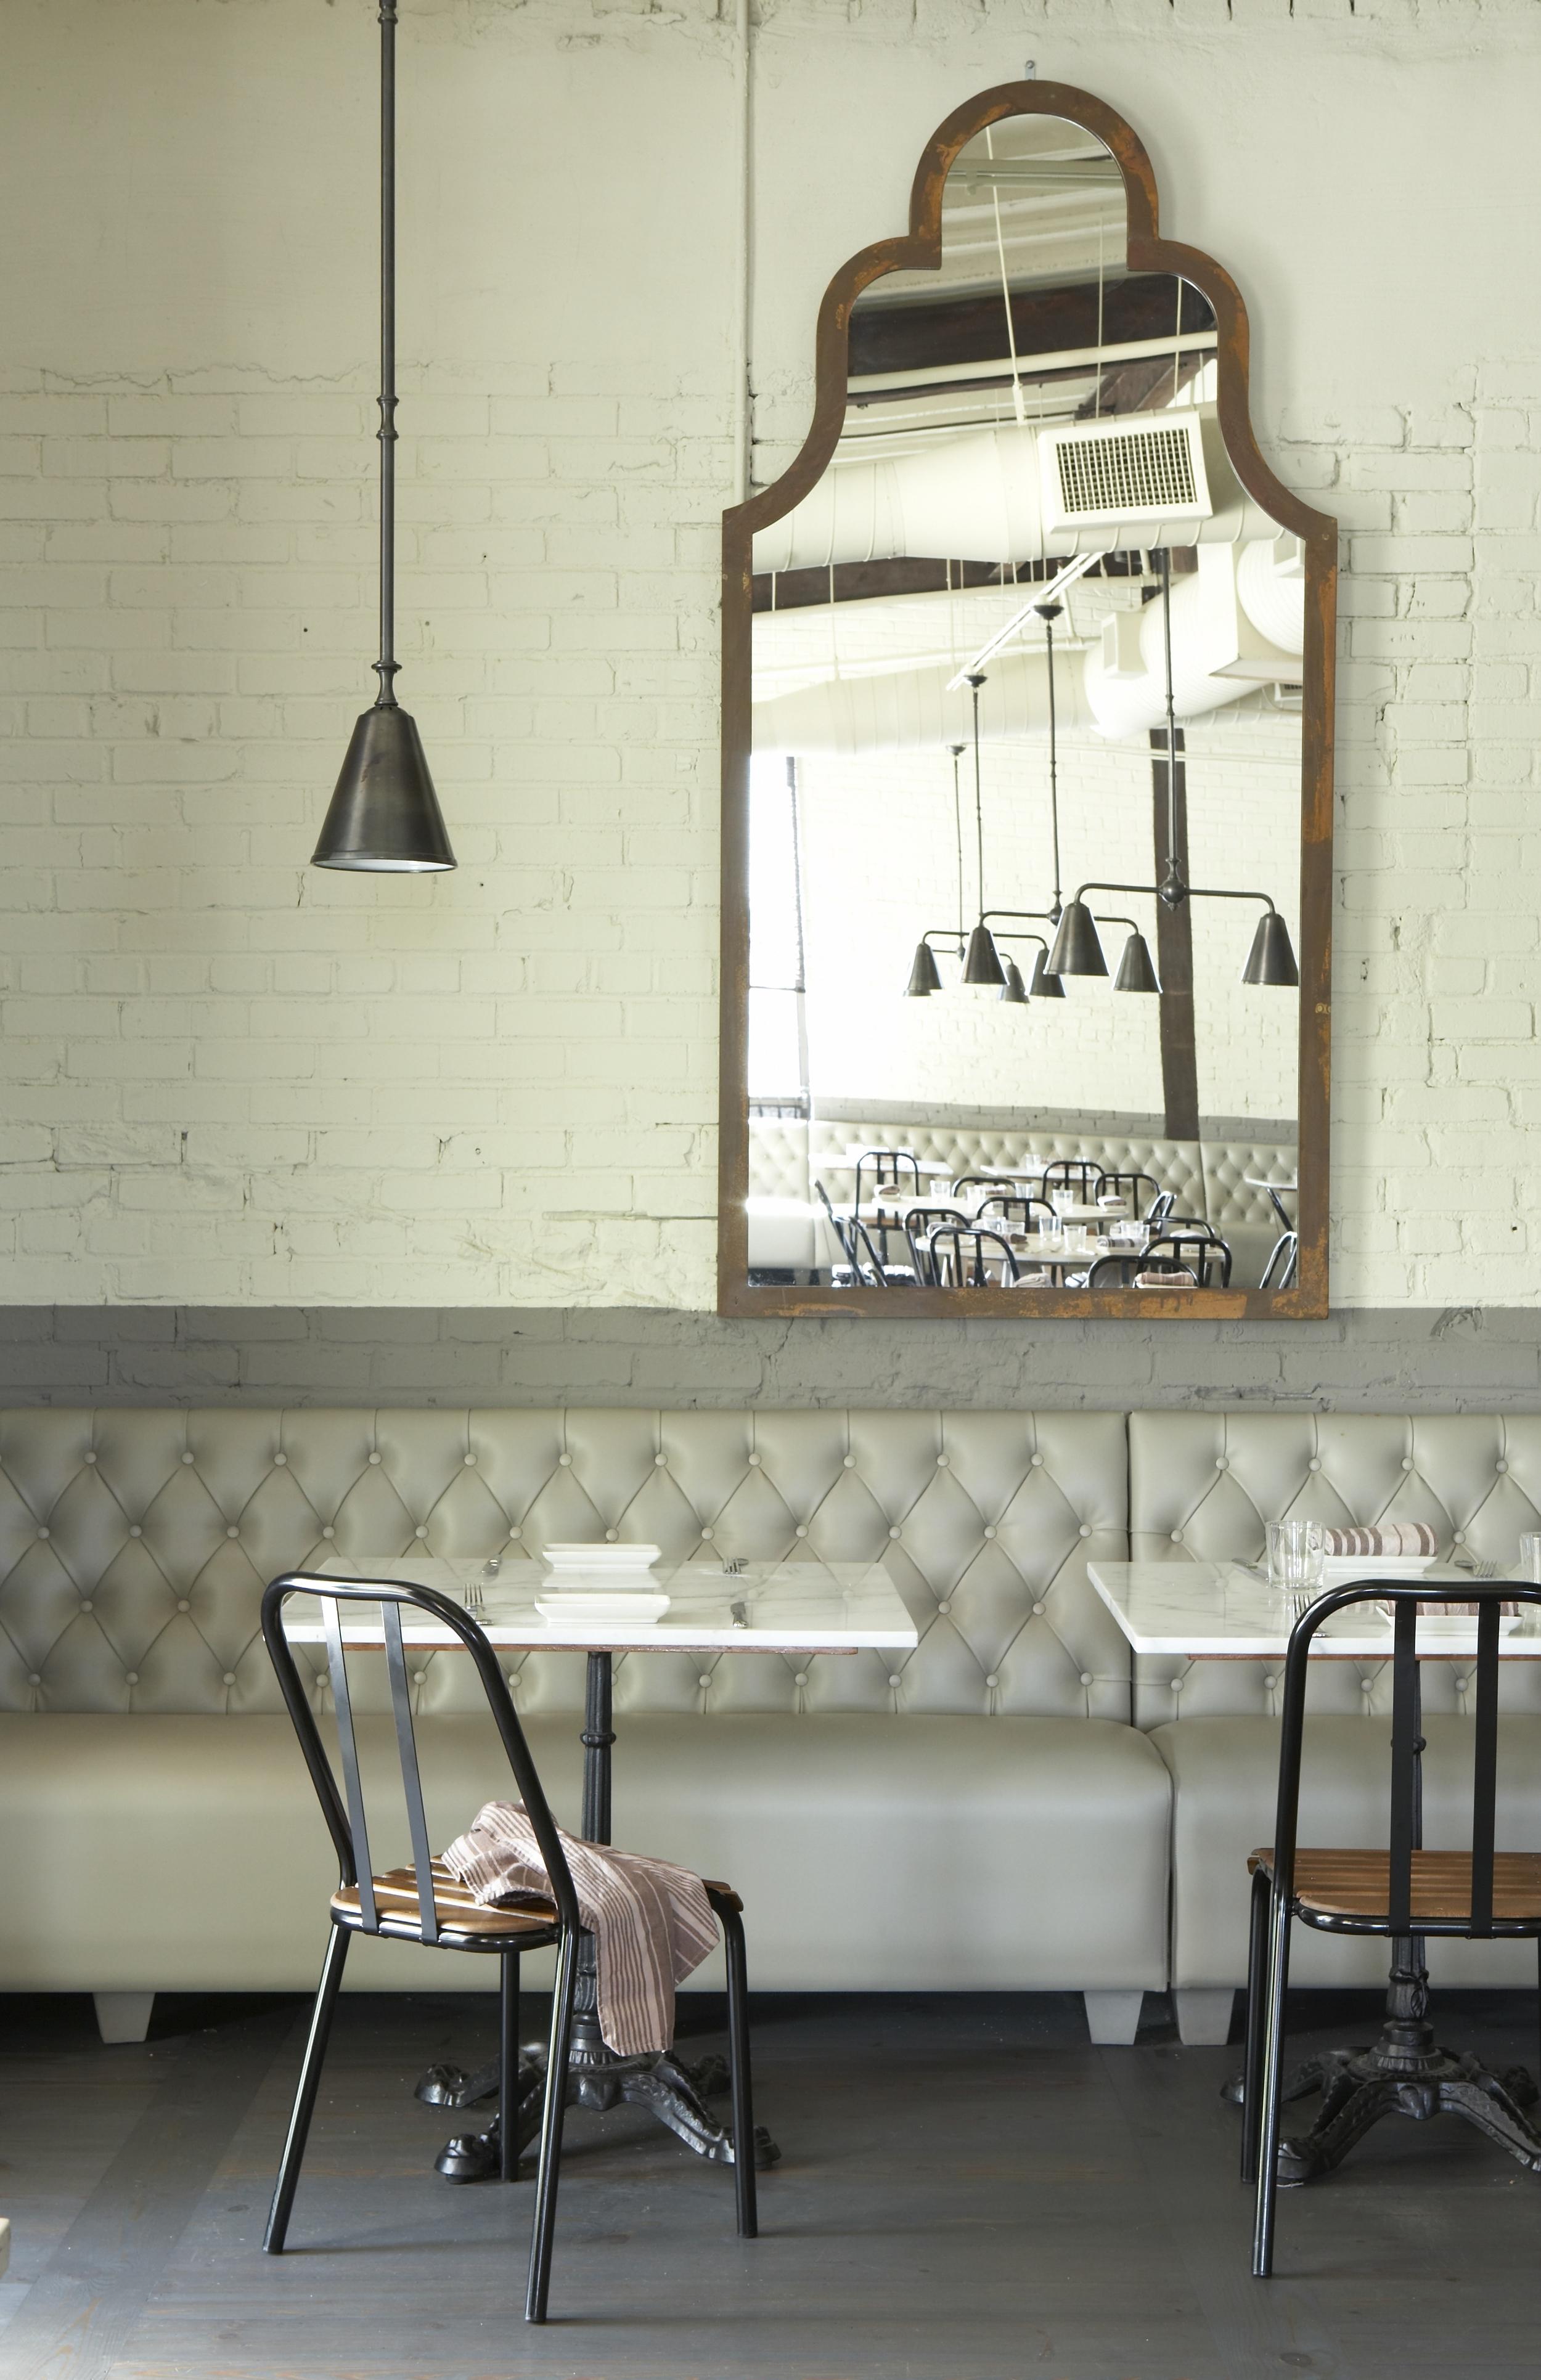 Abattoir Interior3. Photo Credit Lauren Rubenstein.jpg